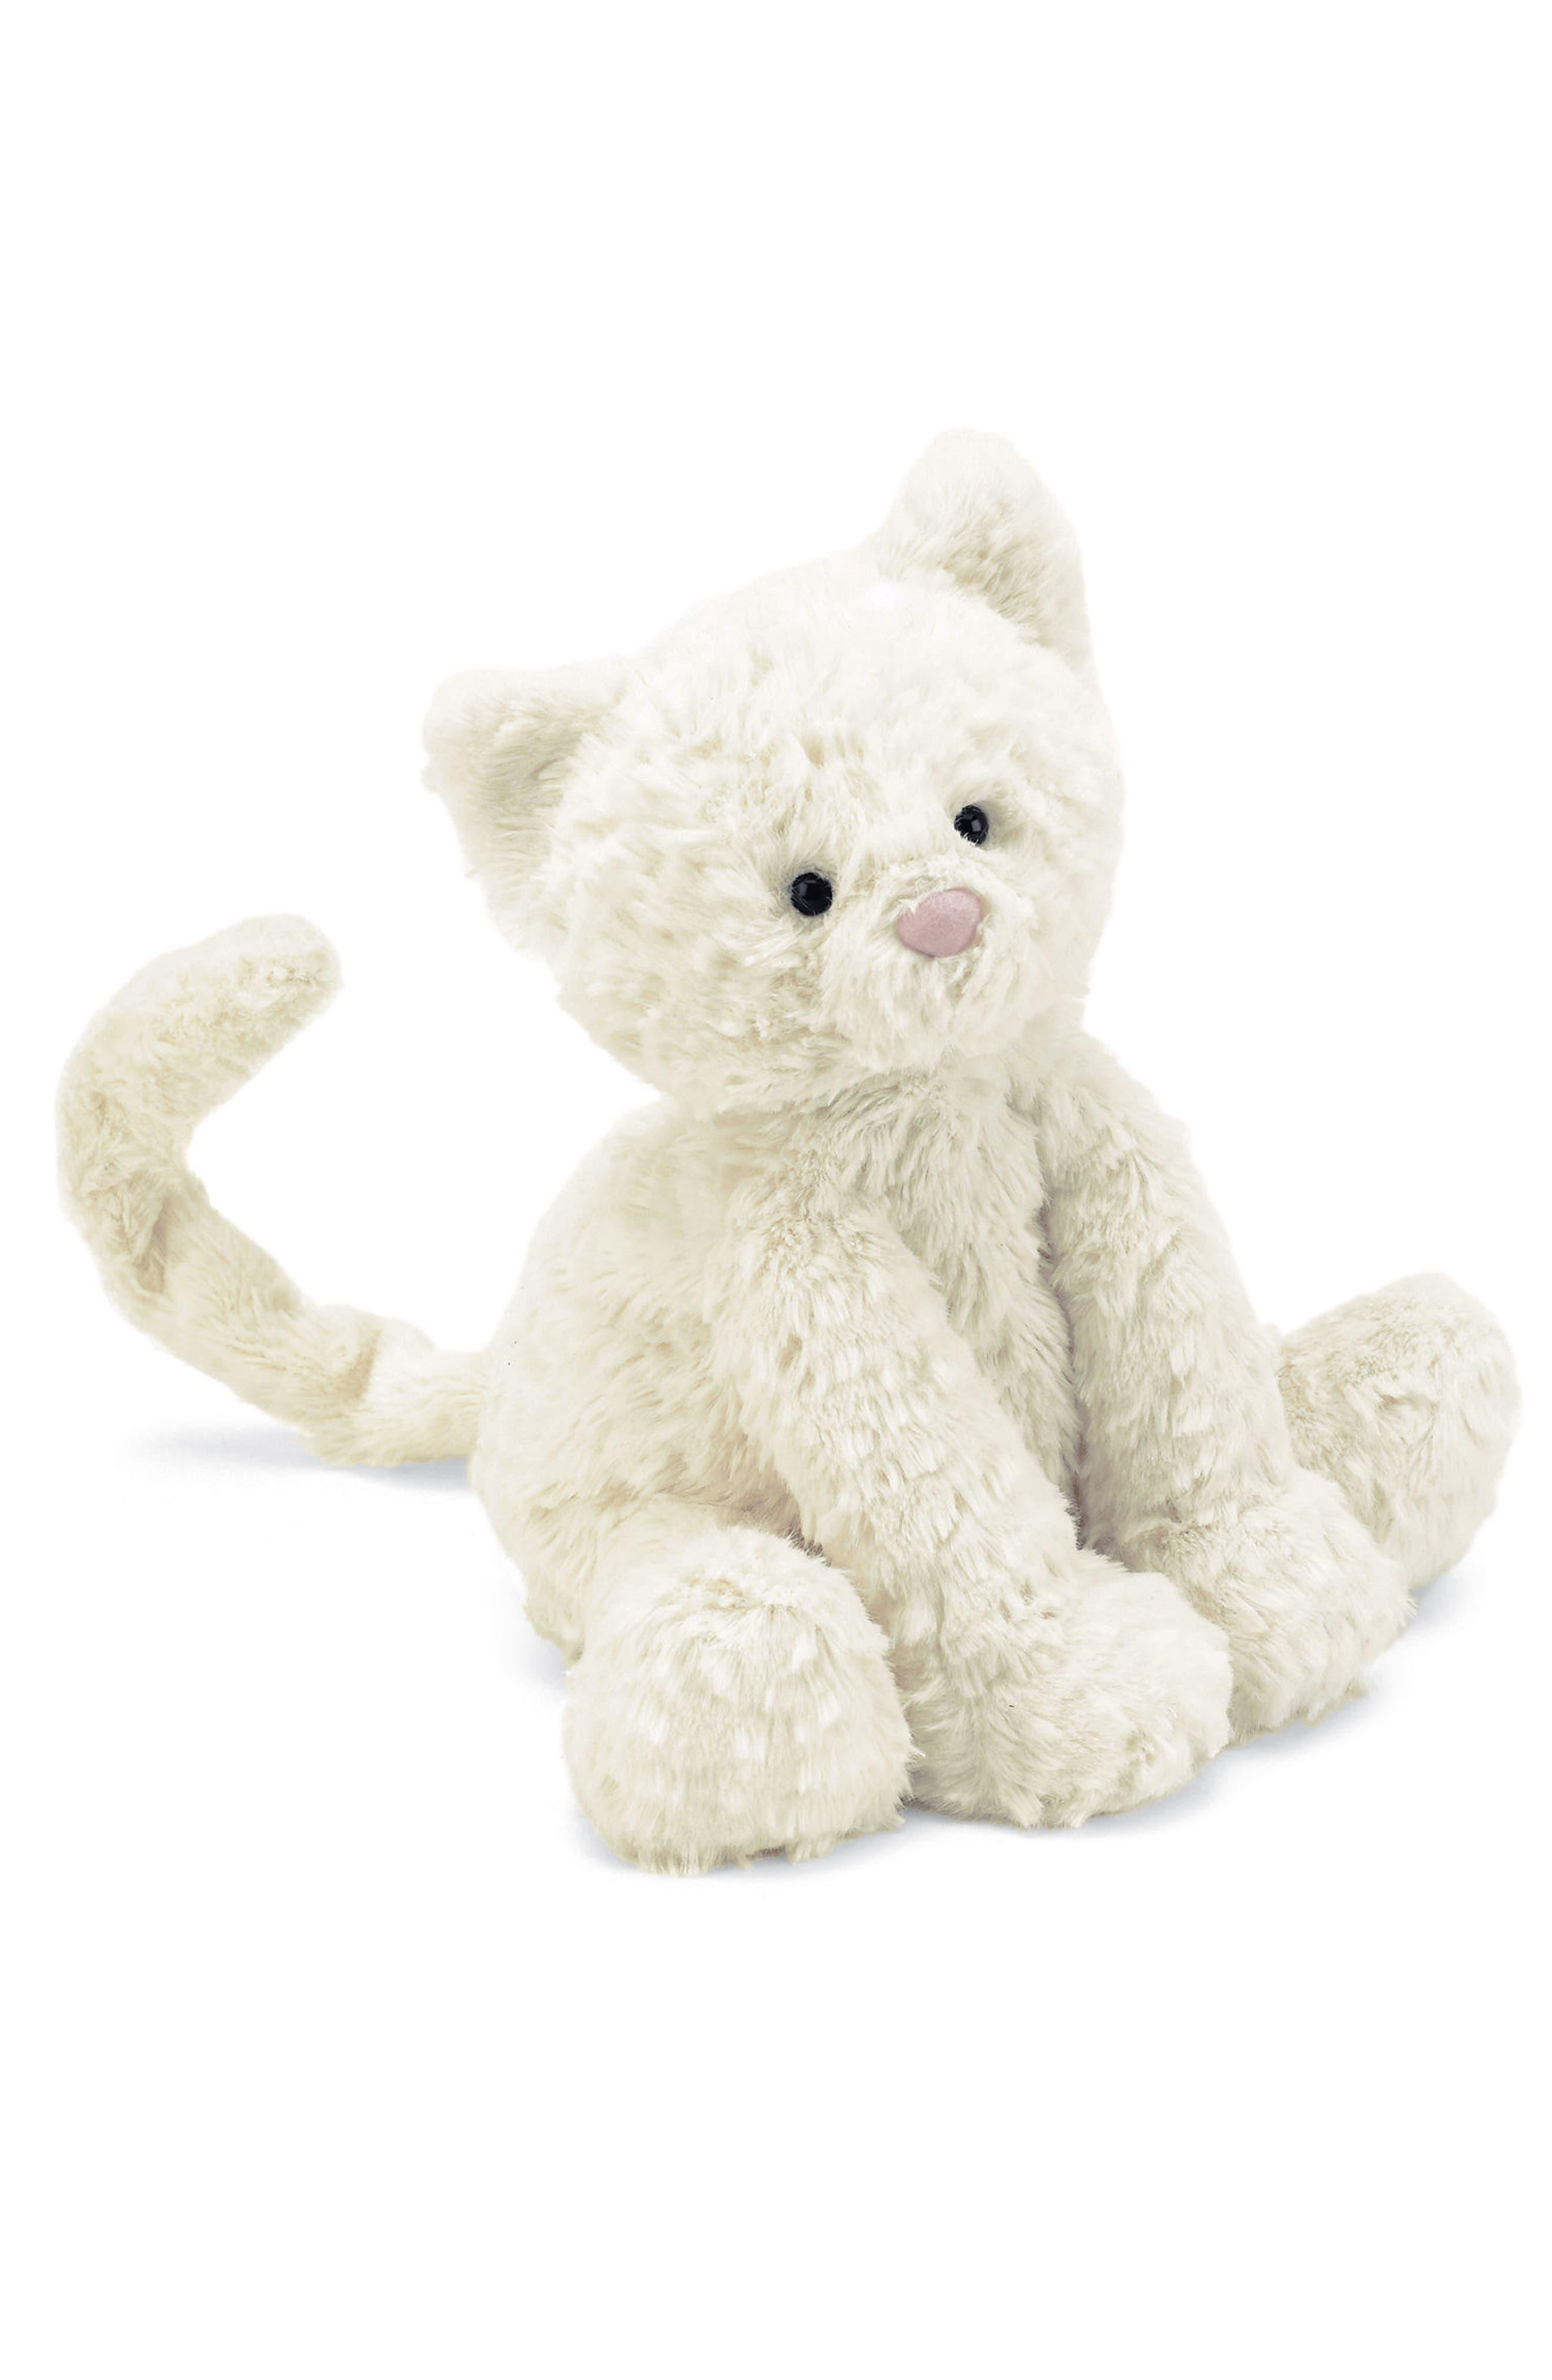 Jellycat 'Fuddlewuddle Kitty' Stuffed Animal